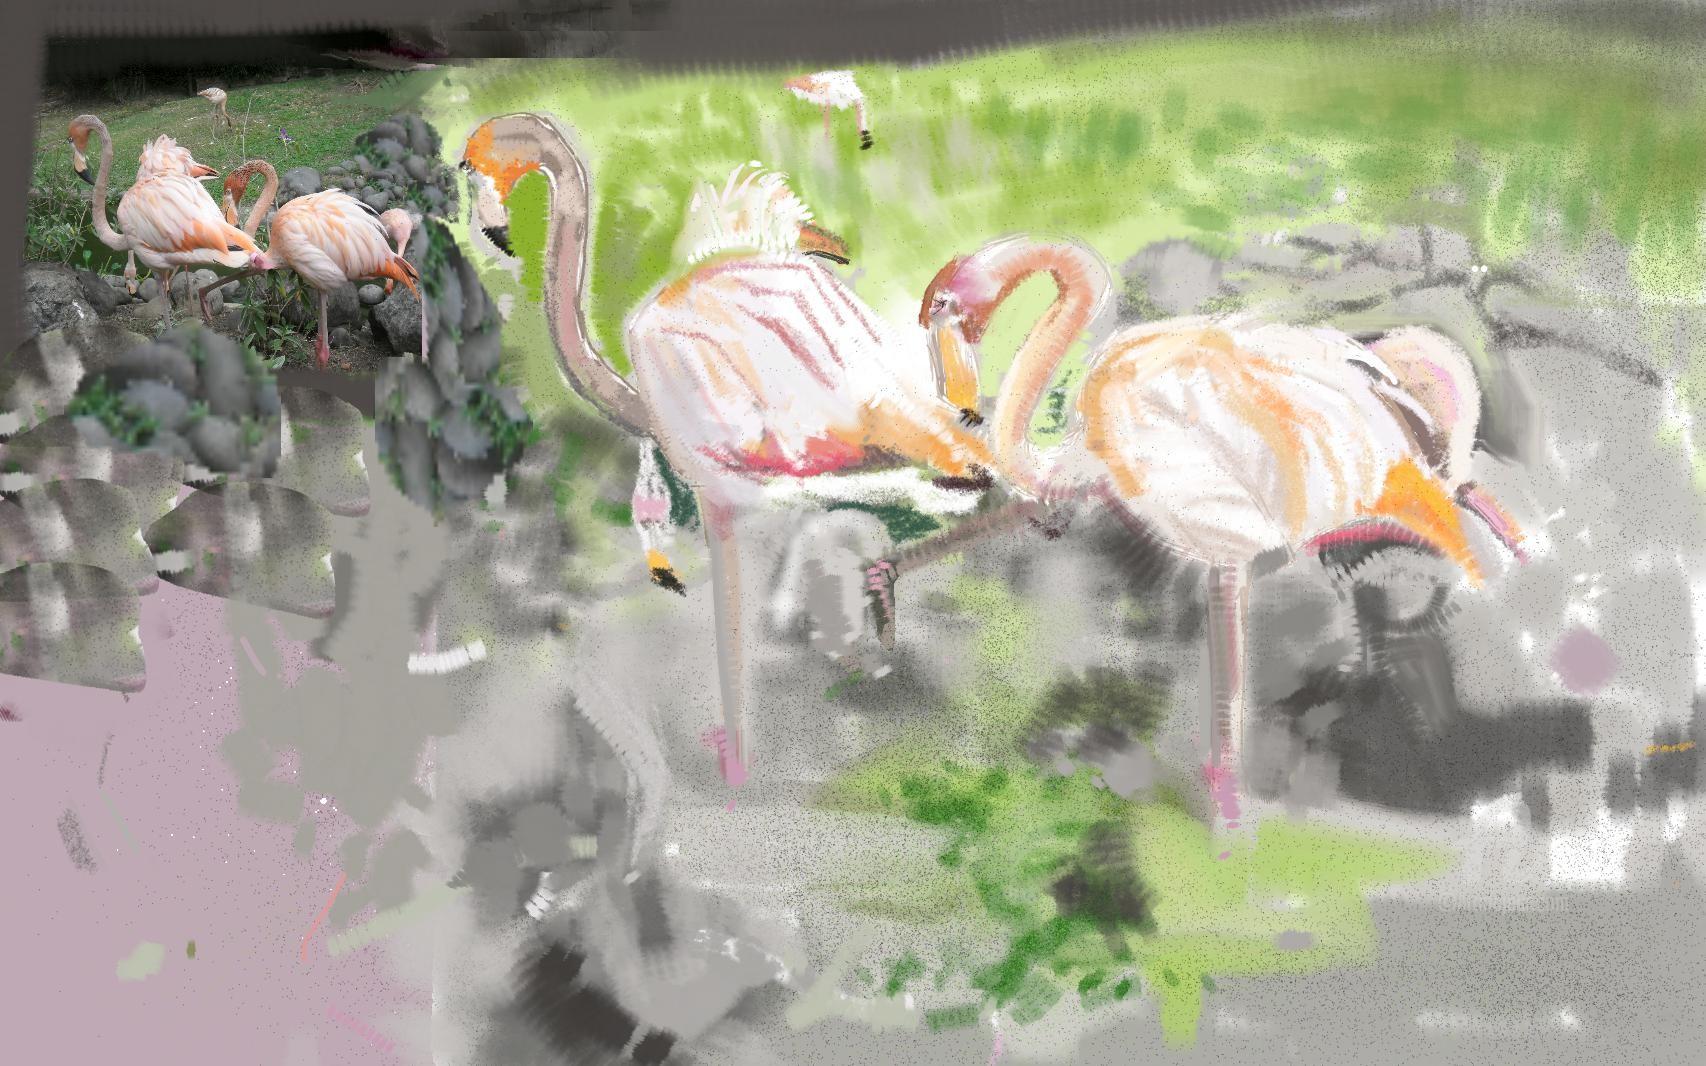 Flamant Rose Du Jardin De Deshaie Digital Arts By Danila ... destiné Flamant Rose Jardin